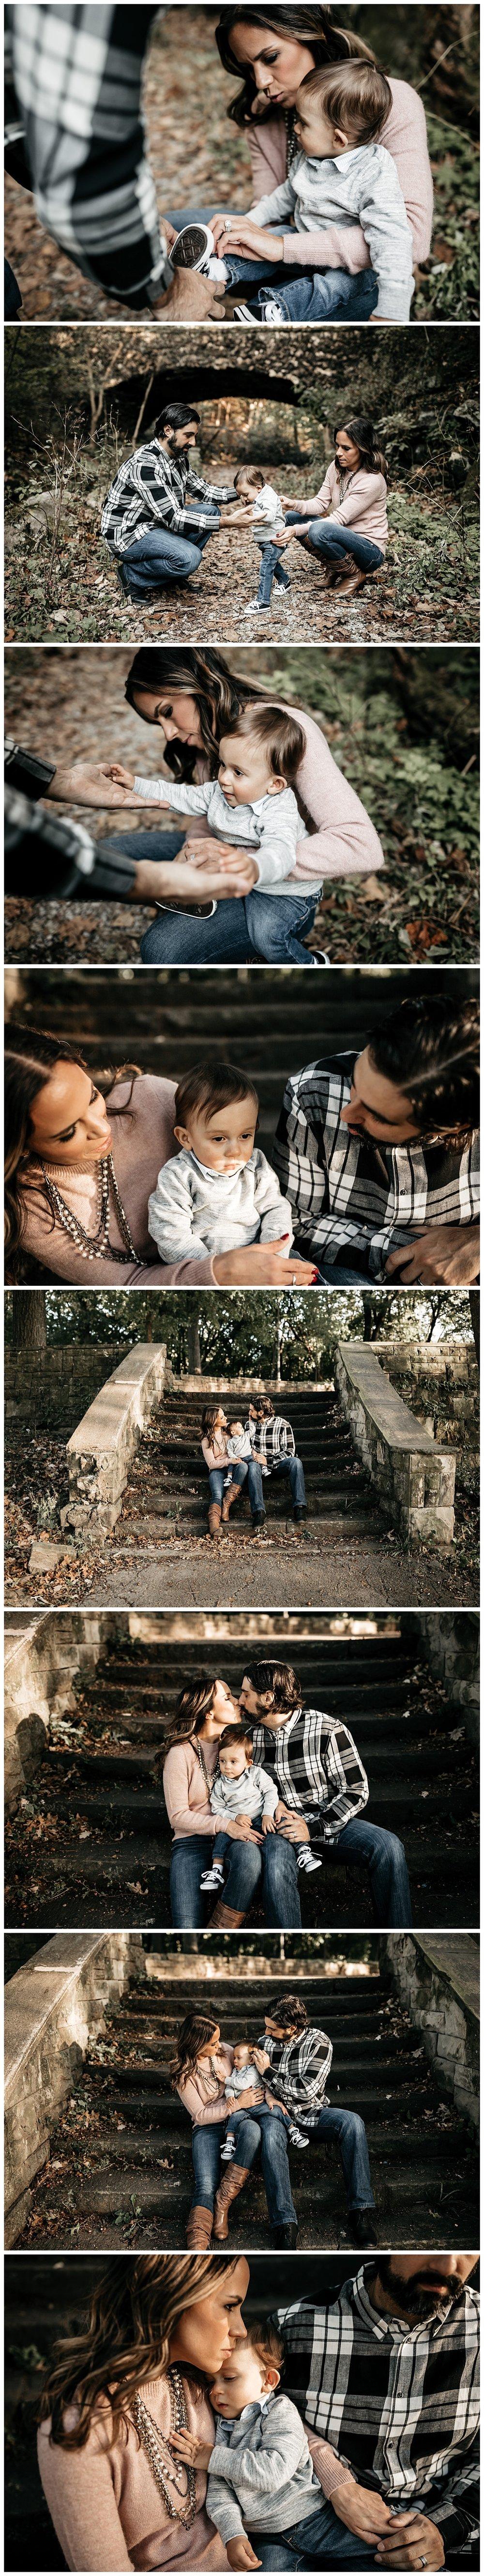 schenleyparkphippsfamilyphotossession_0002.jpg